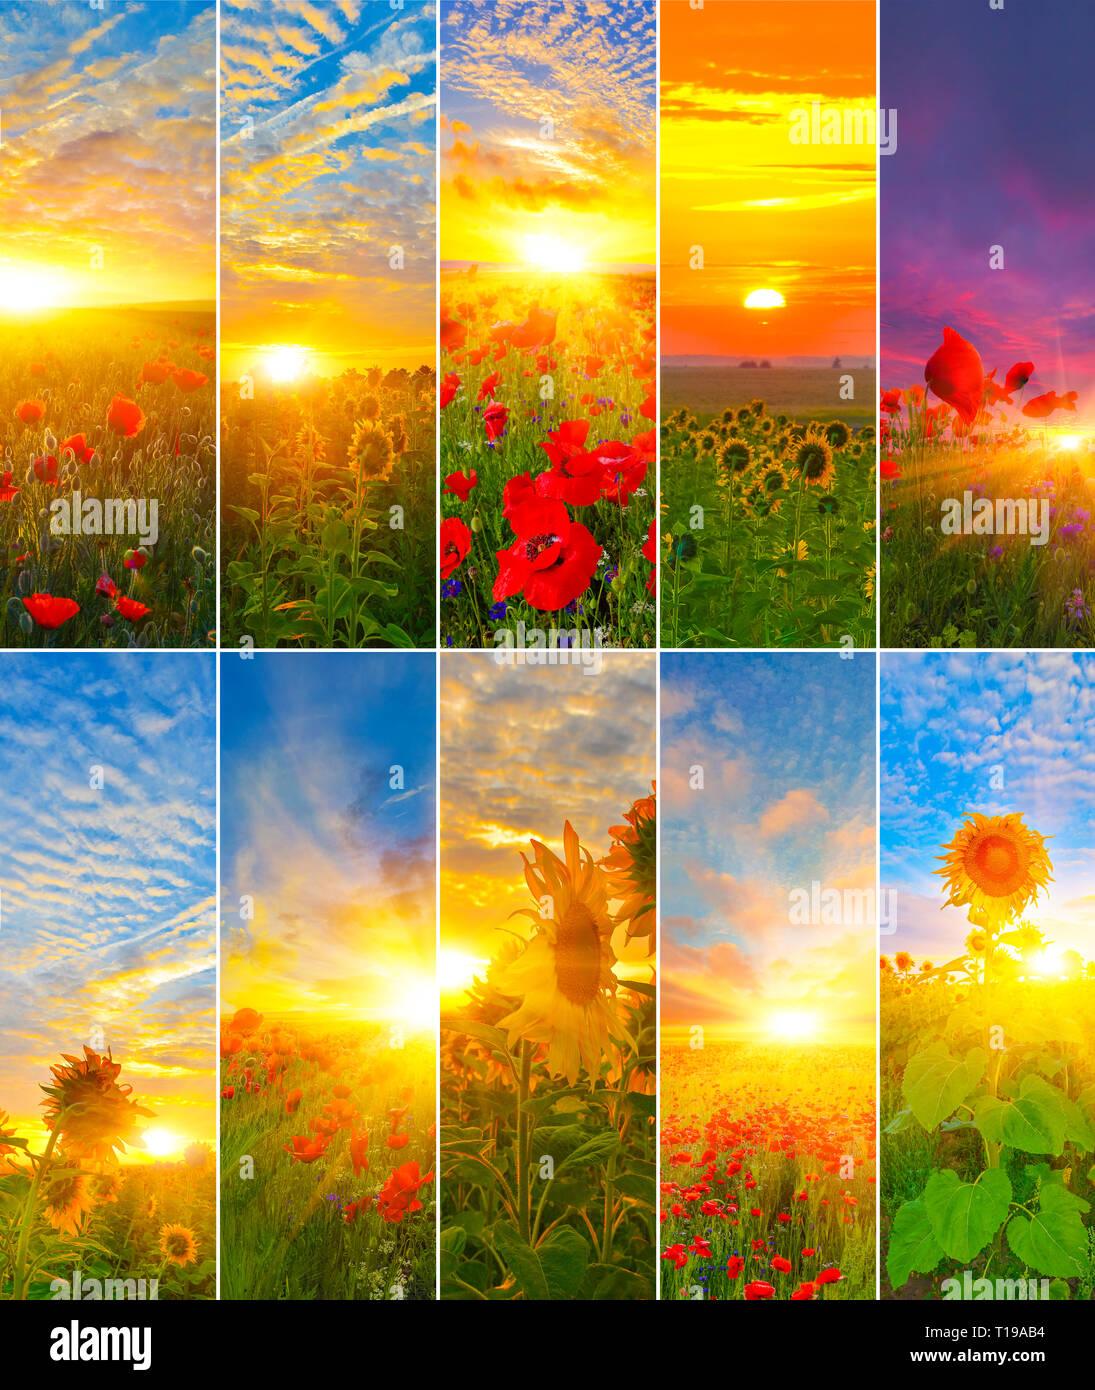 Collection de tournesols et coquelicots avec soleil levant.Ensemble d'antécédents de lever du soleil. Photo Stock